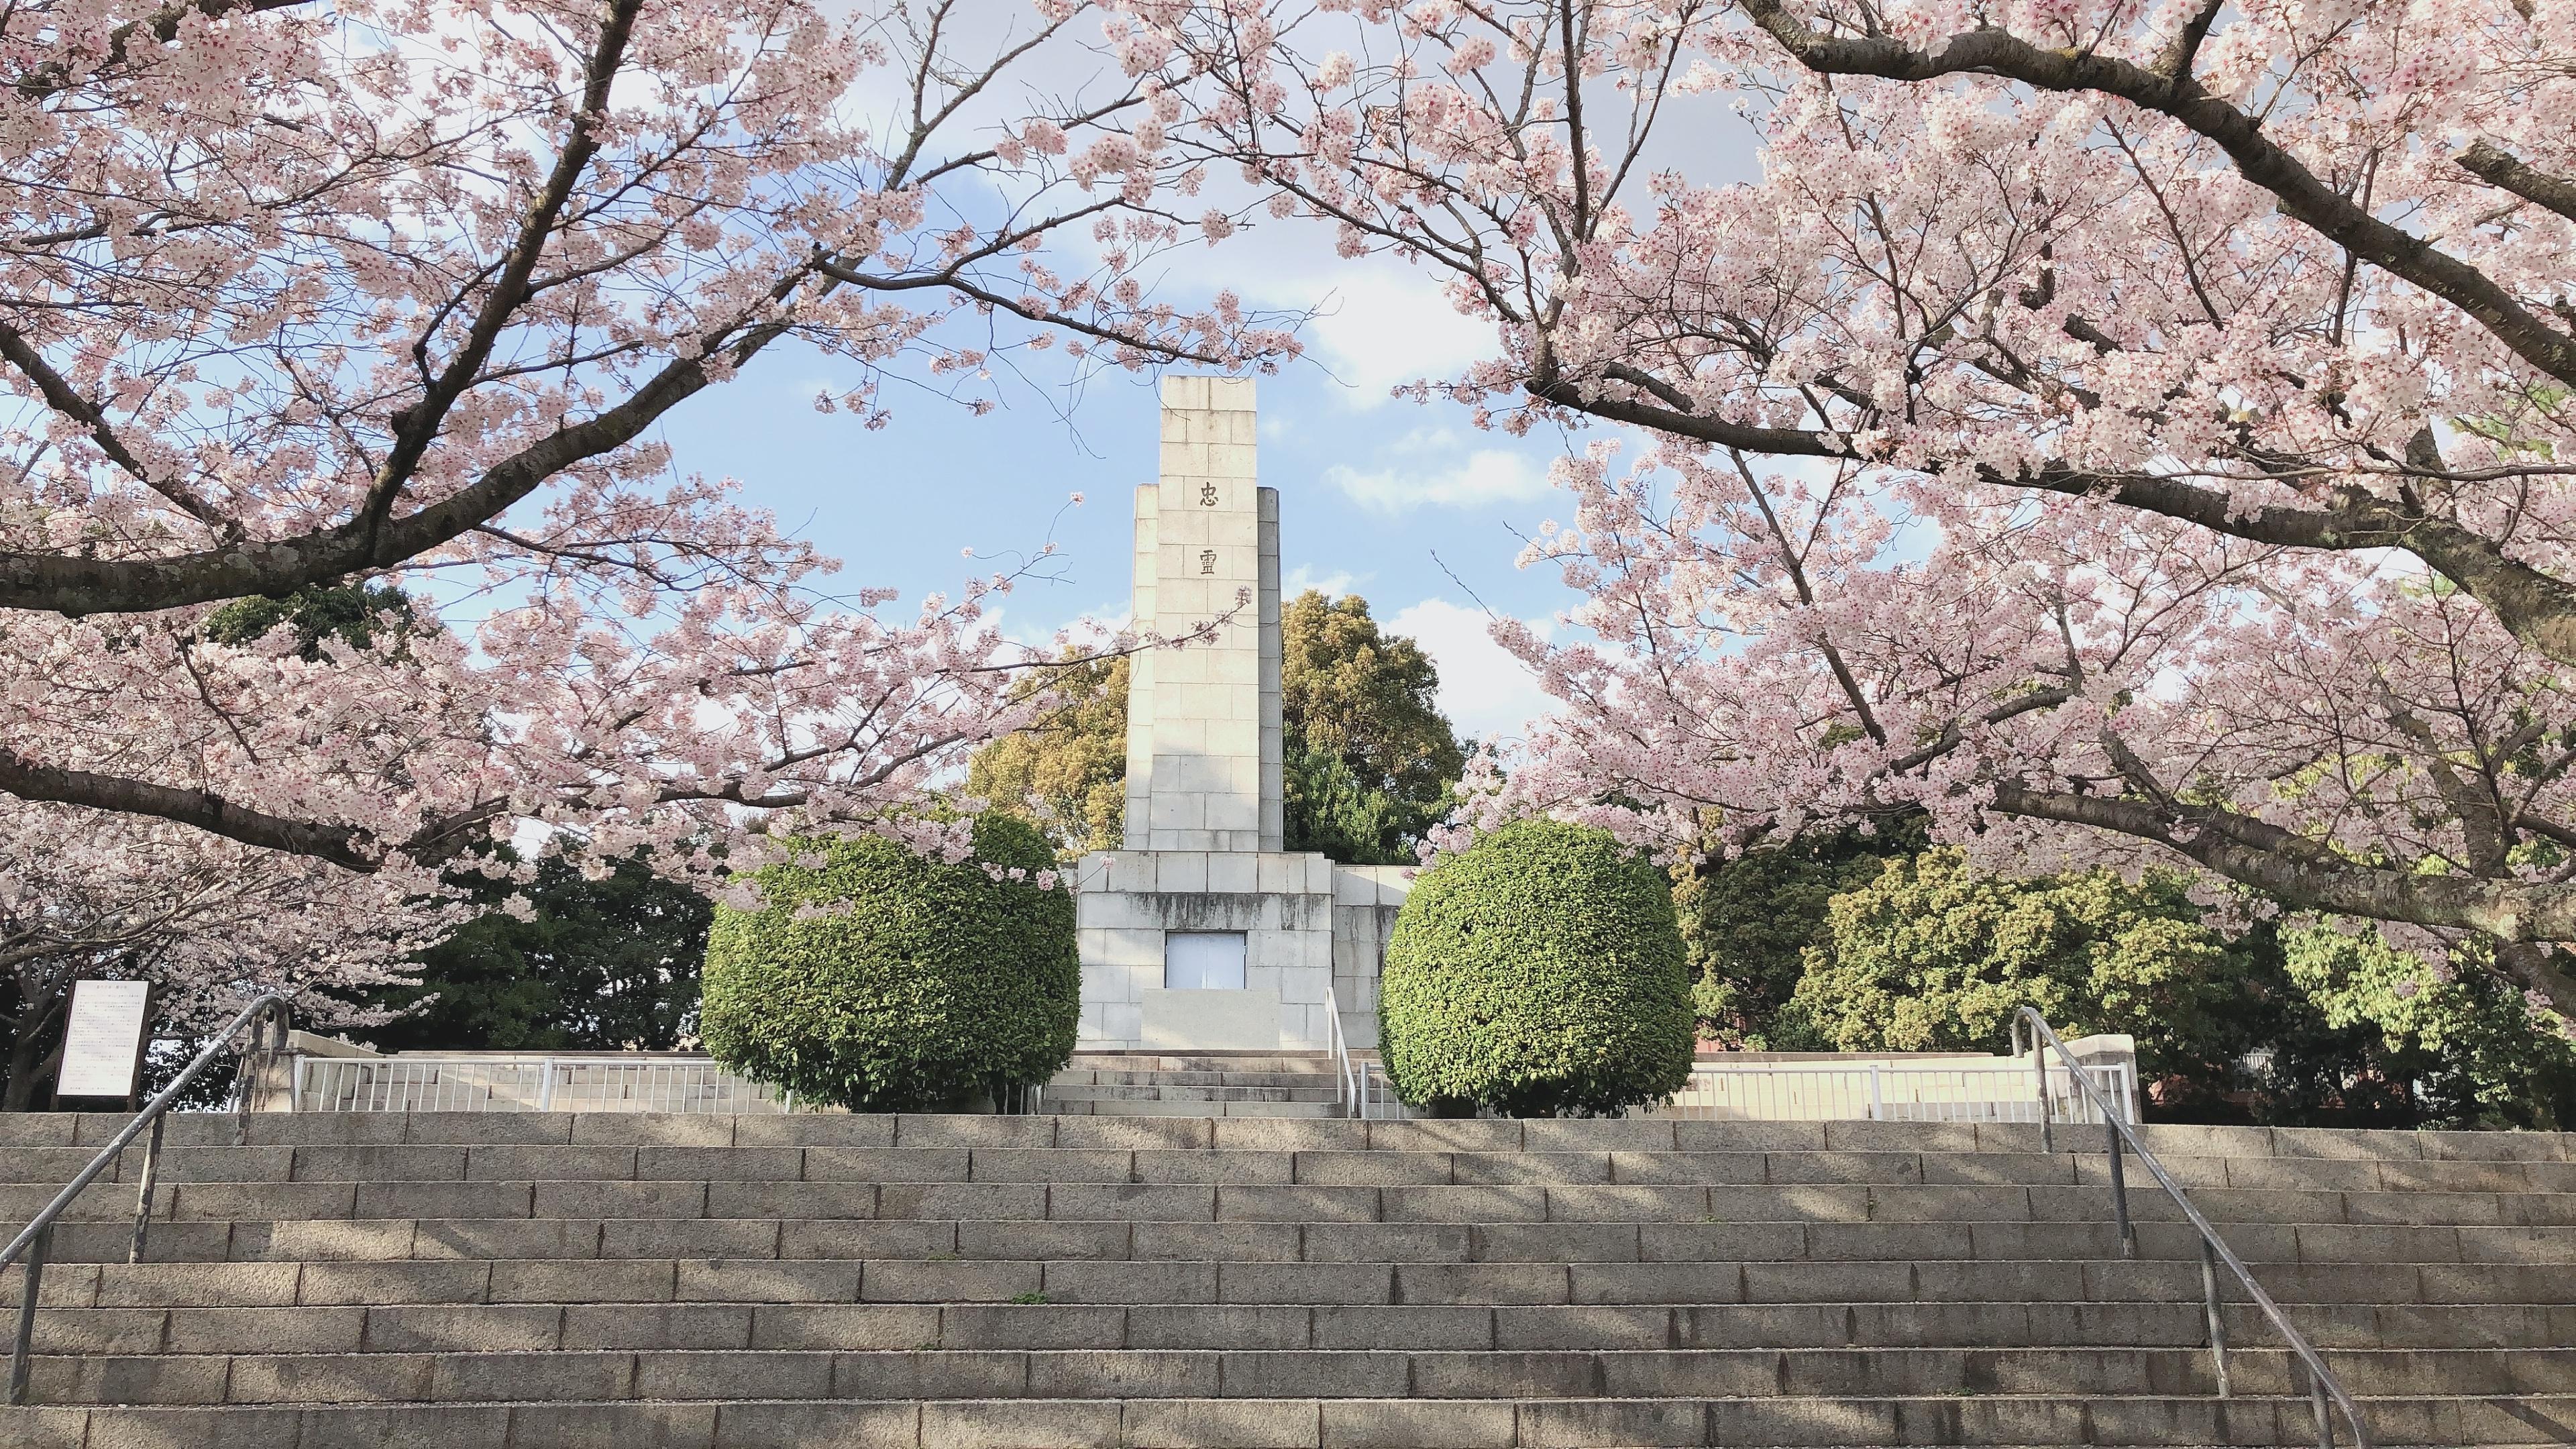 北九州花見スポット🌸足立山の忠霊塔がある公園